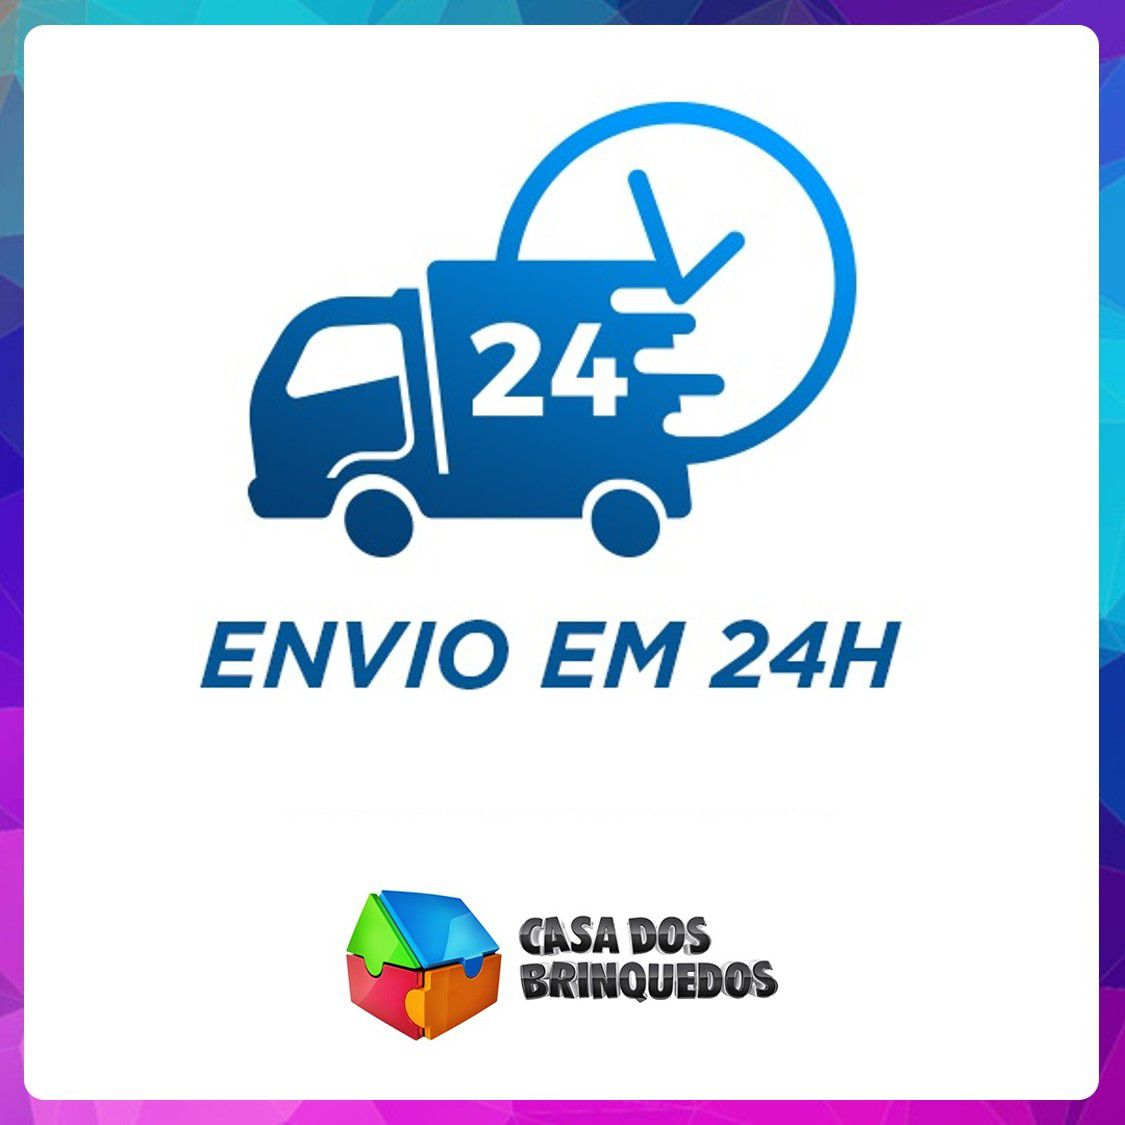 DINOSSAURO BABY DINHO EDUCATIVO 0716 TA TE TI